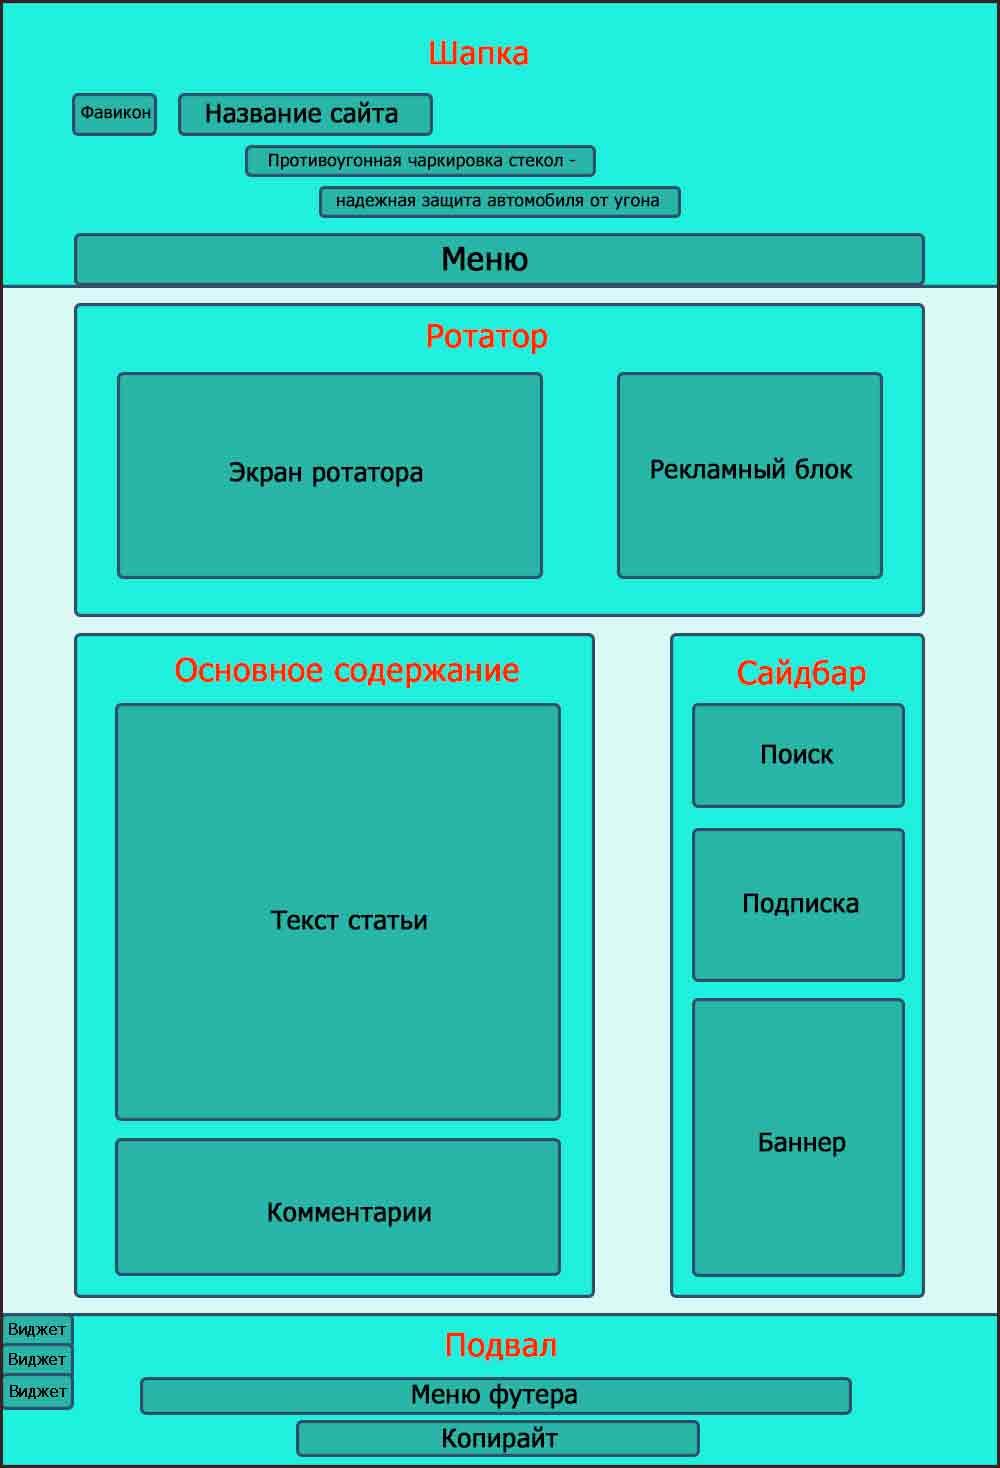 Стандарты при создании сайта основные работы по продвижению сайта